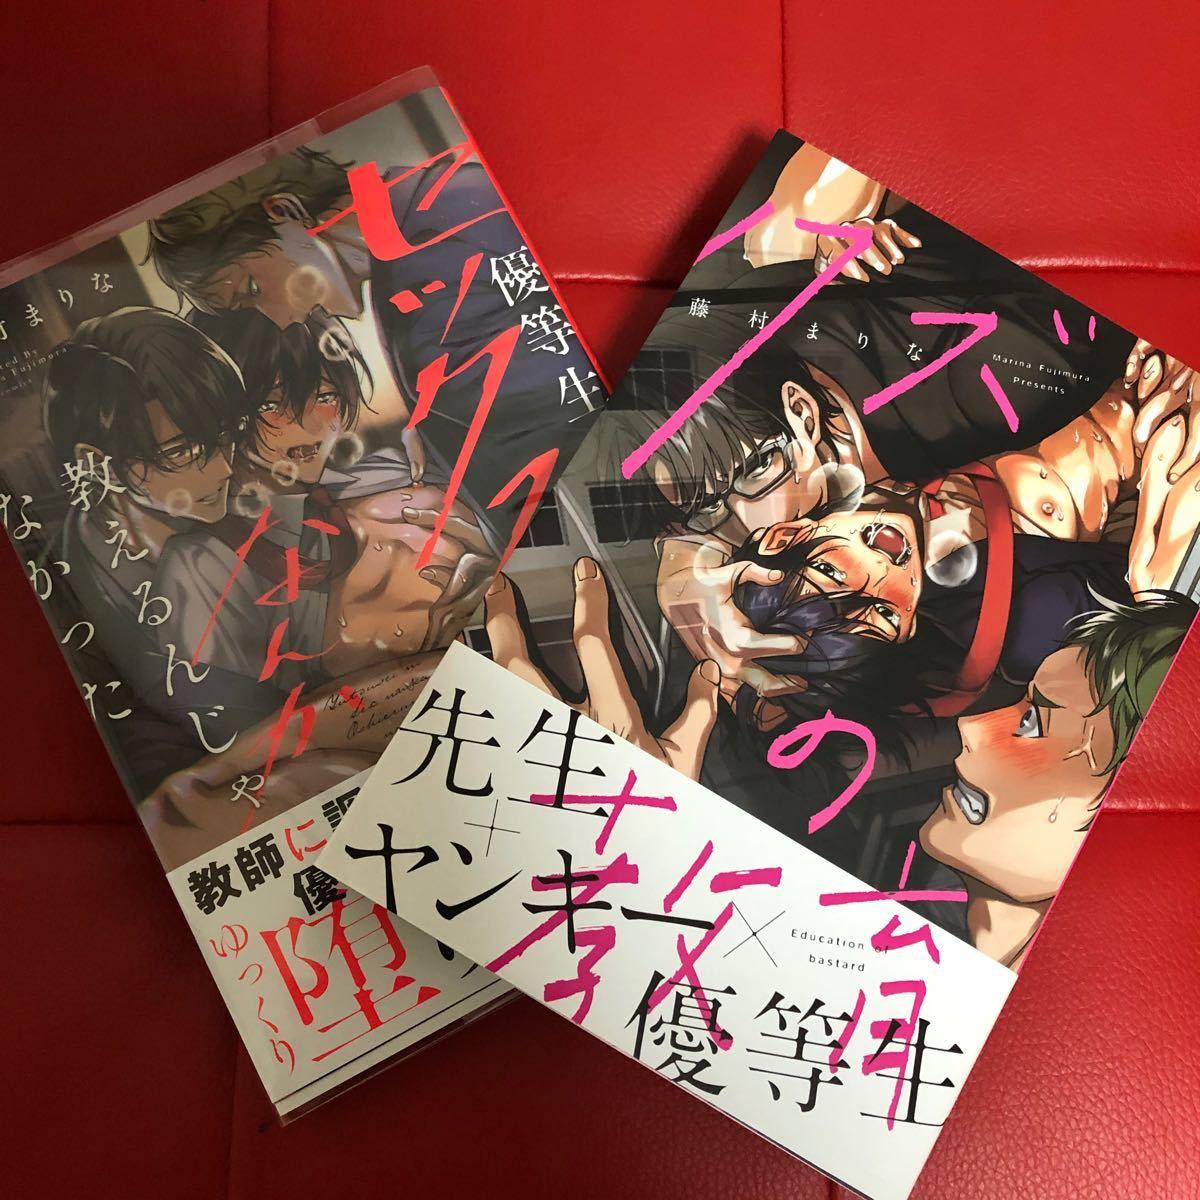 BL漫画 BLコミック BLまとめ売り 2冊セット